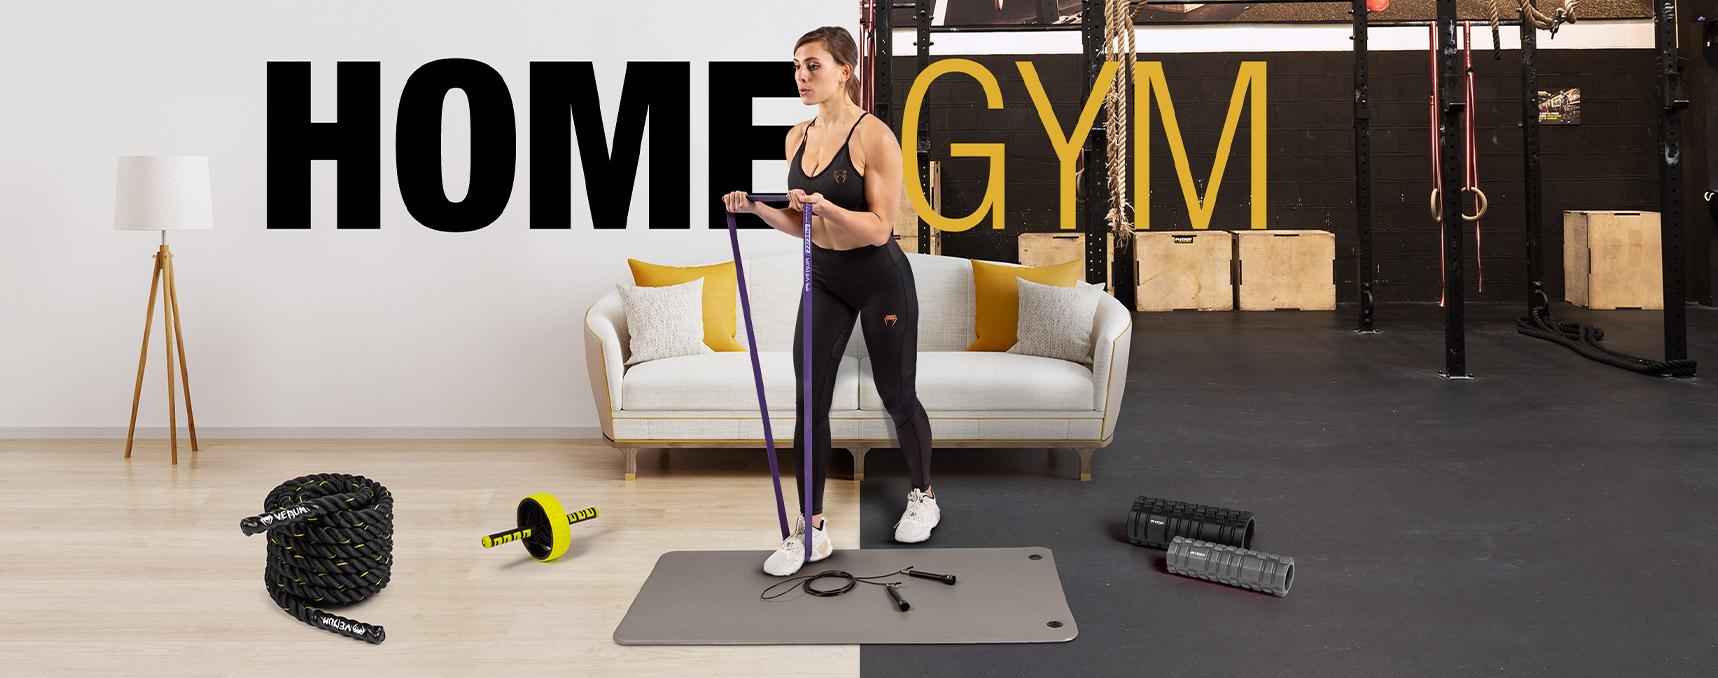 Venum FHome Gym